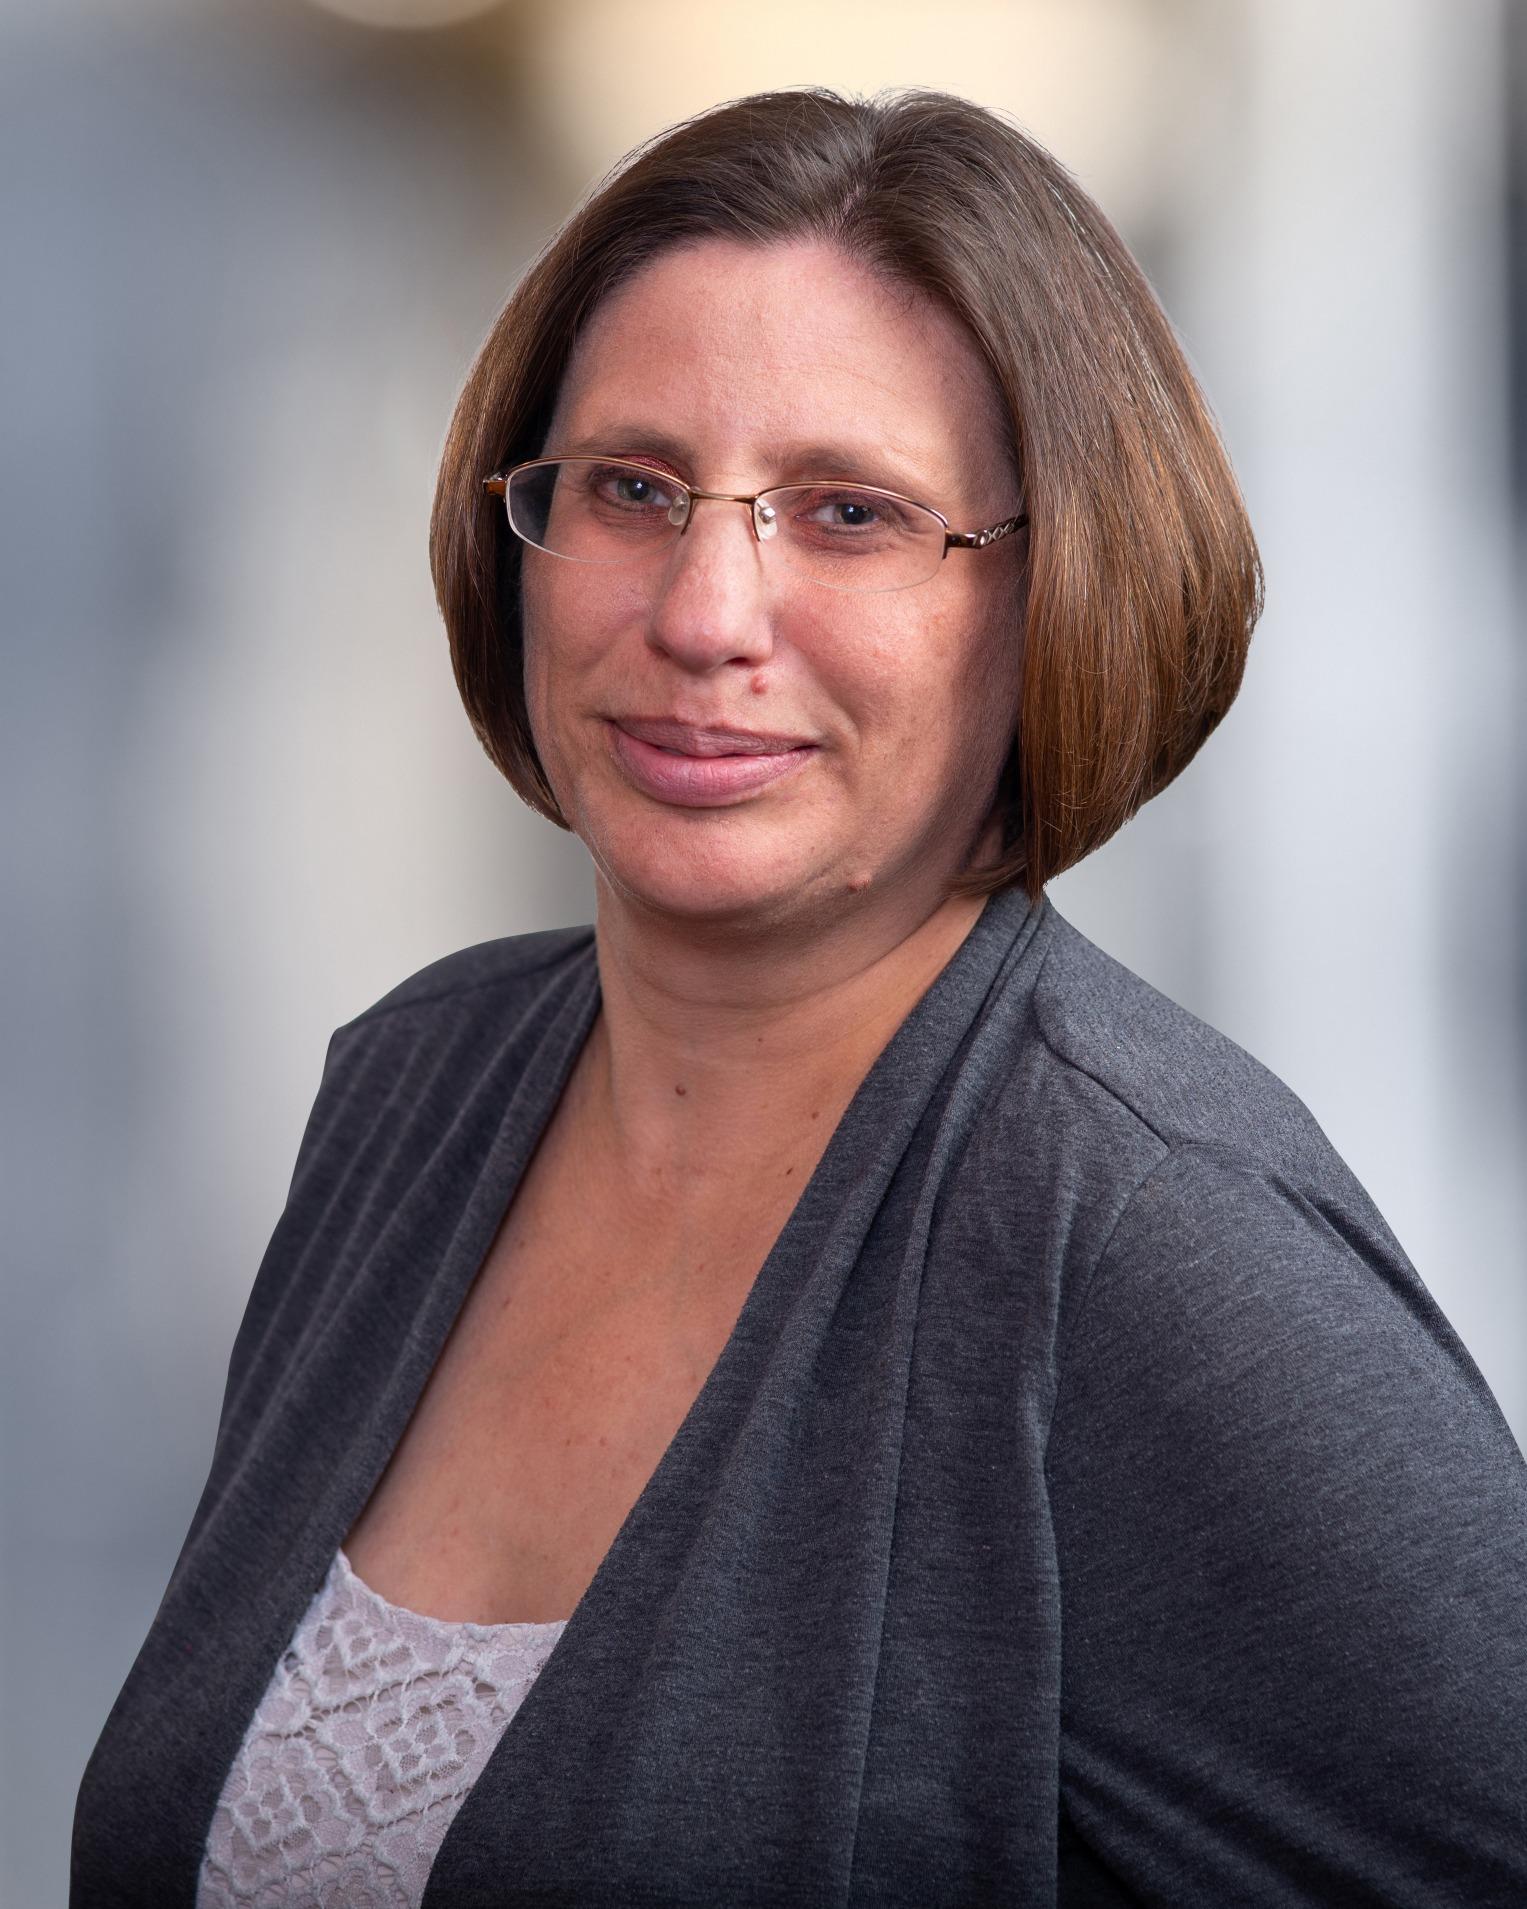 Tara VonMende